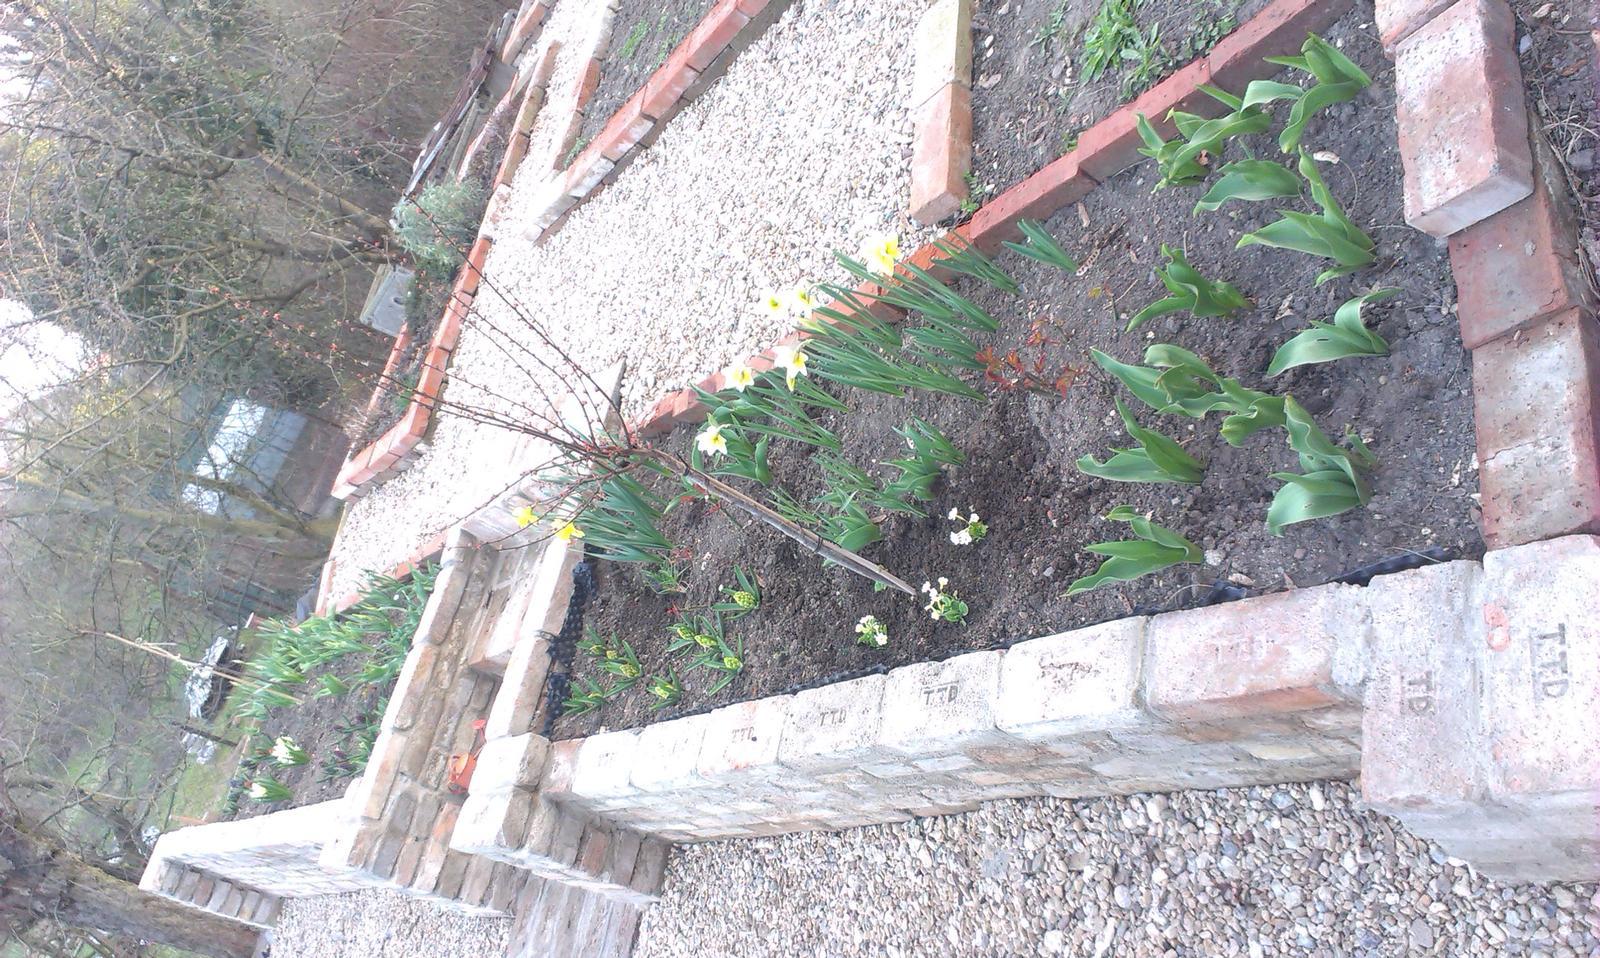 Záhrada - Obrázek č. 87